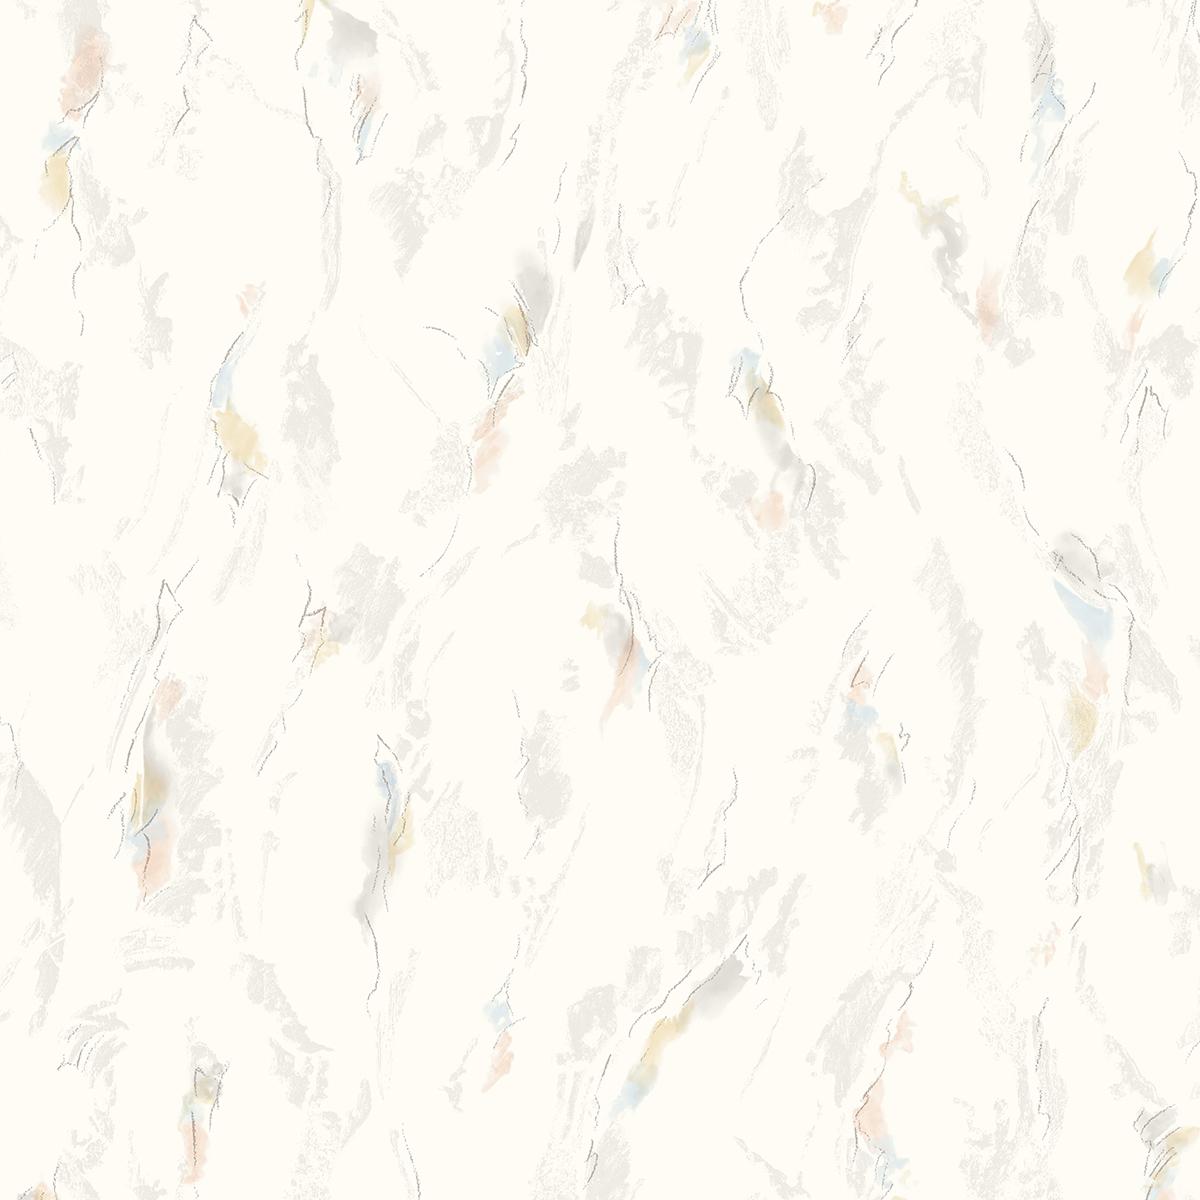 тапет Бестселър 3 бяла мазилка акварел (Бестселър2)